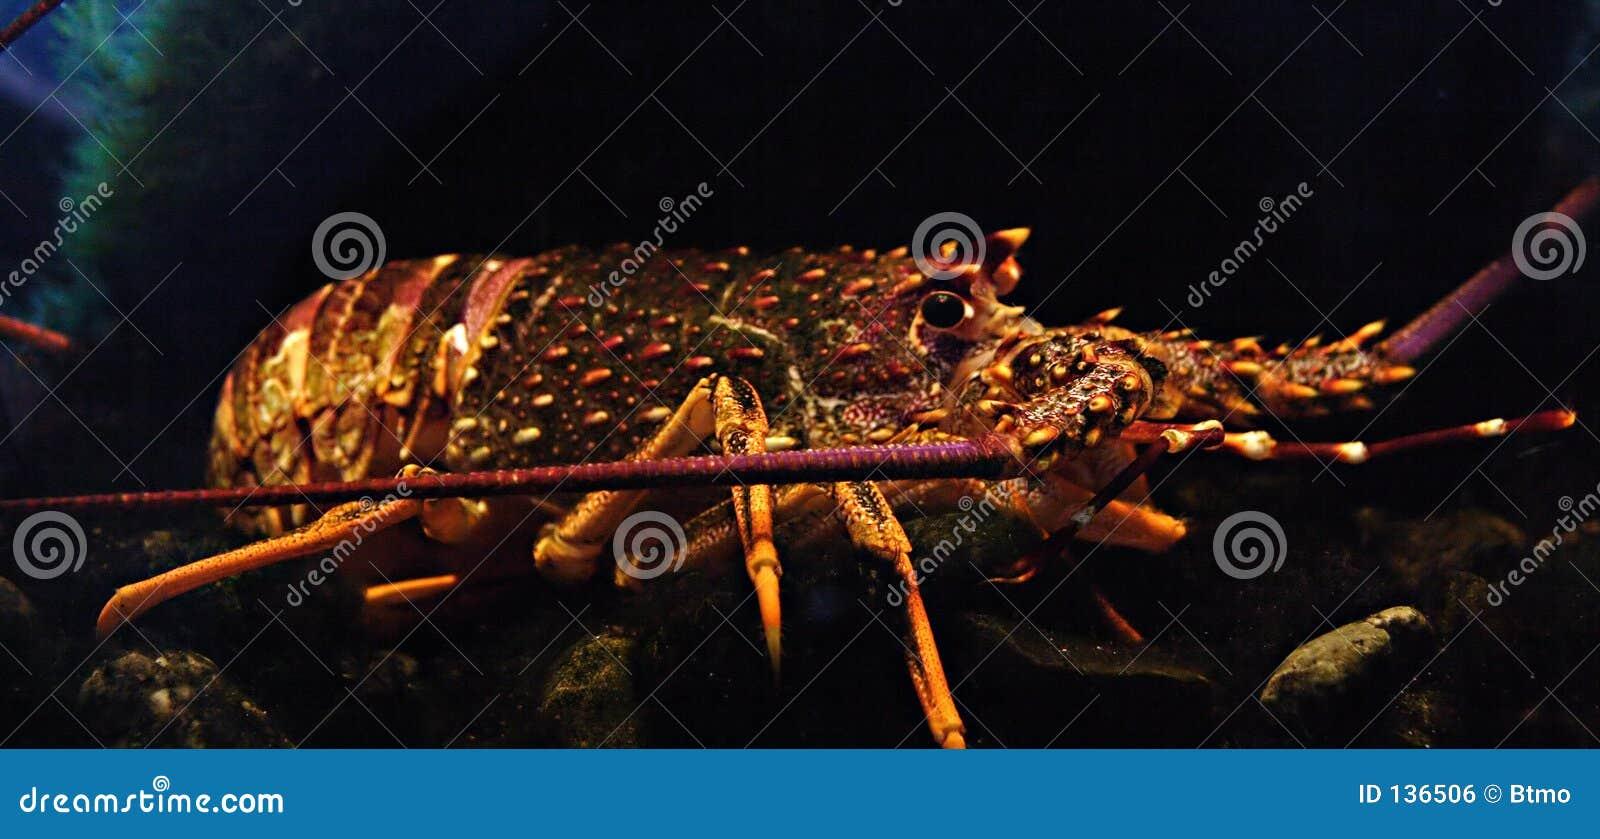 De doornige Zeekreeft van de Rots